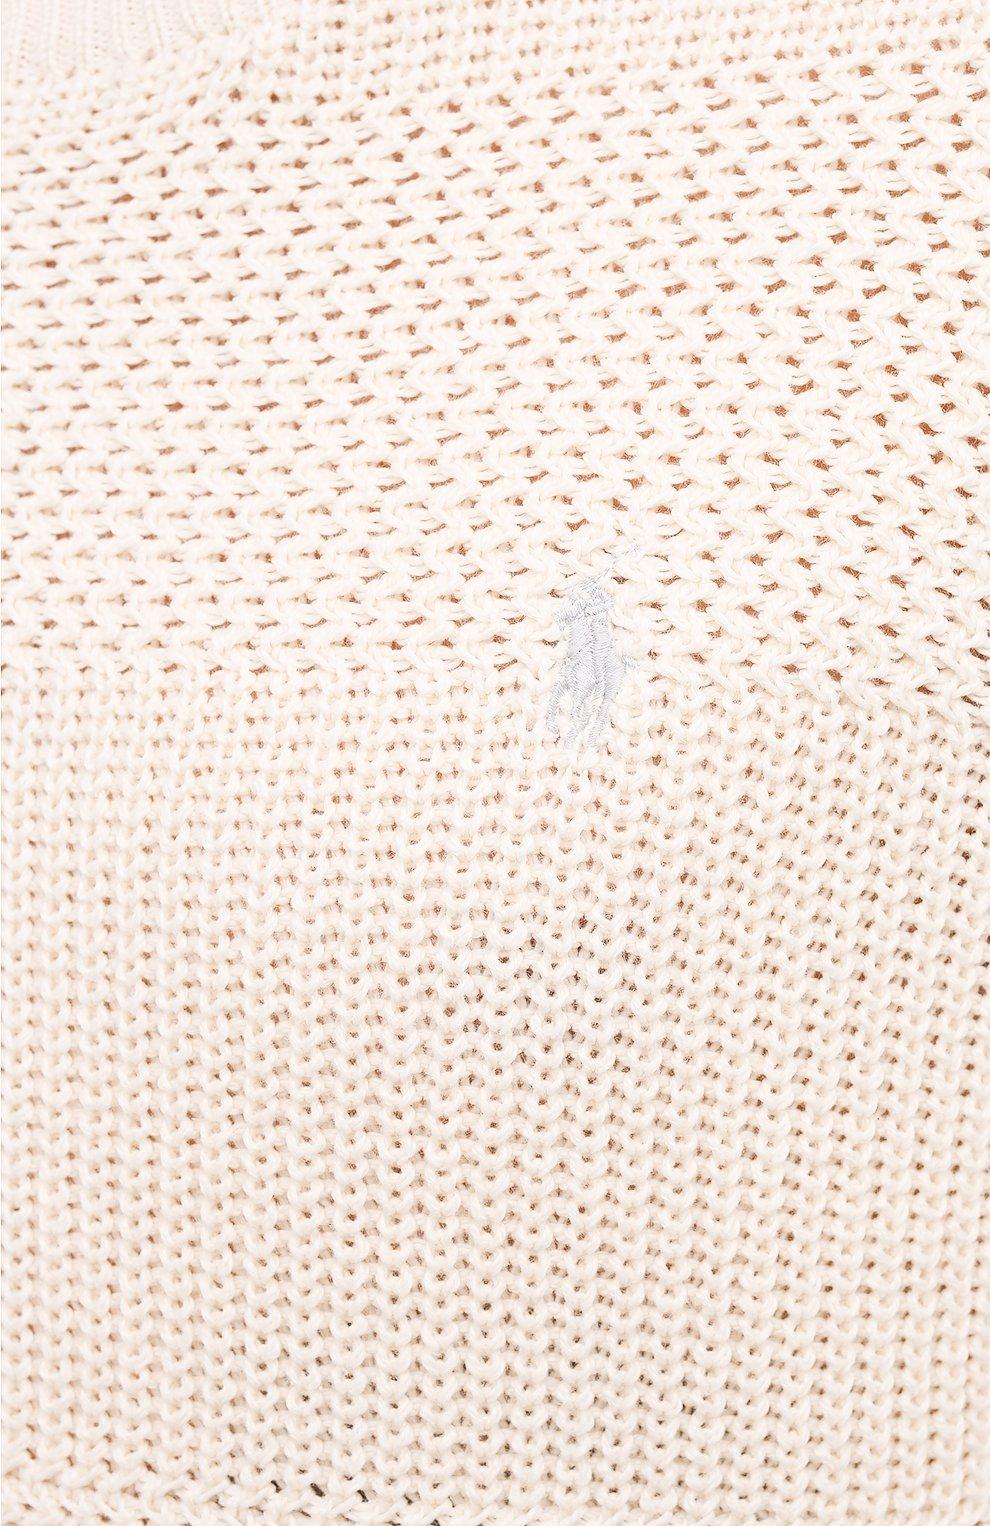 Мужской хлопковый свитер POLO RALPH LAUREN кремвого цвета, арт. 710835828   Фото 5 (Рукава: Длинные; Принт: Без принта; Длина (для топов): Стандартные; Материал внешний: Хлопок; Мужское Кросс-КТ: Свитер-одежда; Стили: Кэжуэл)